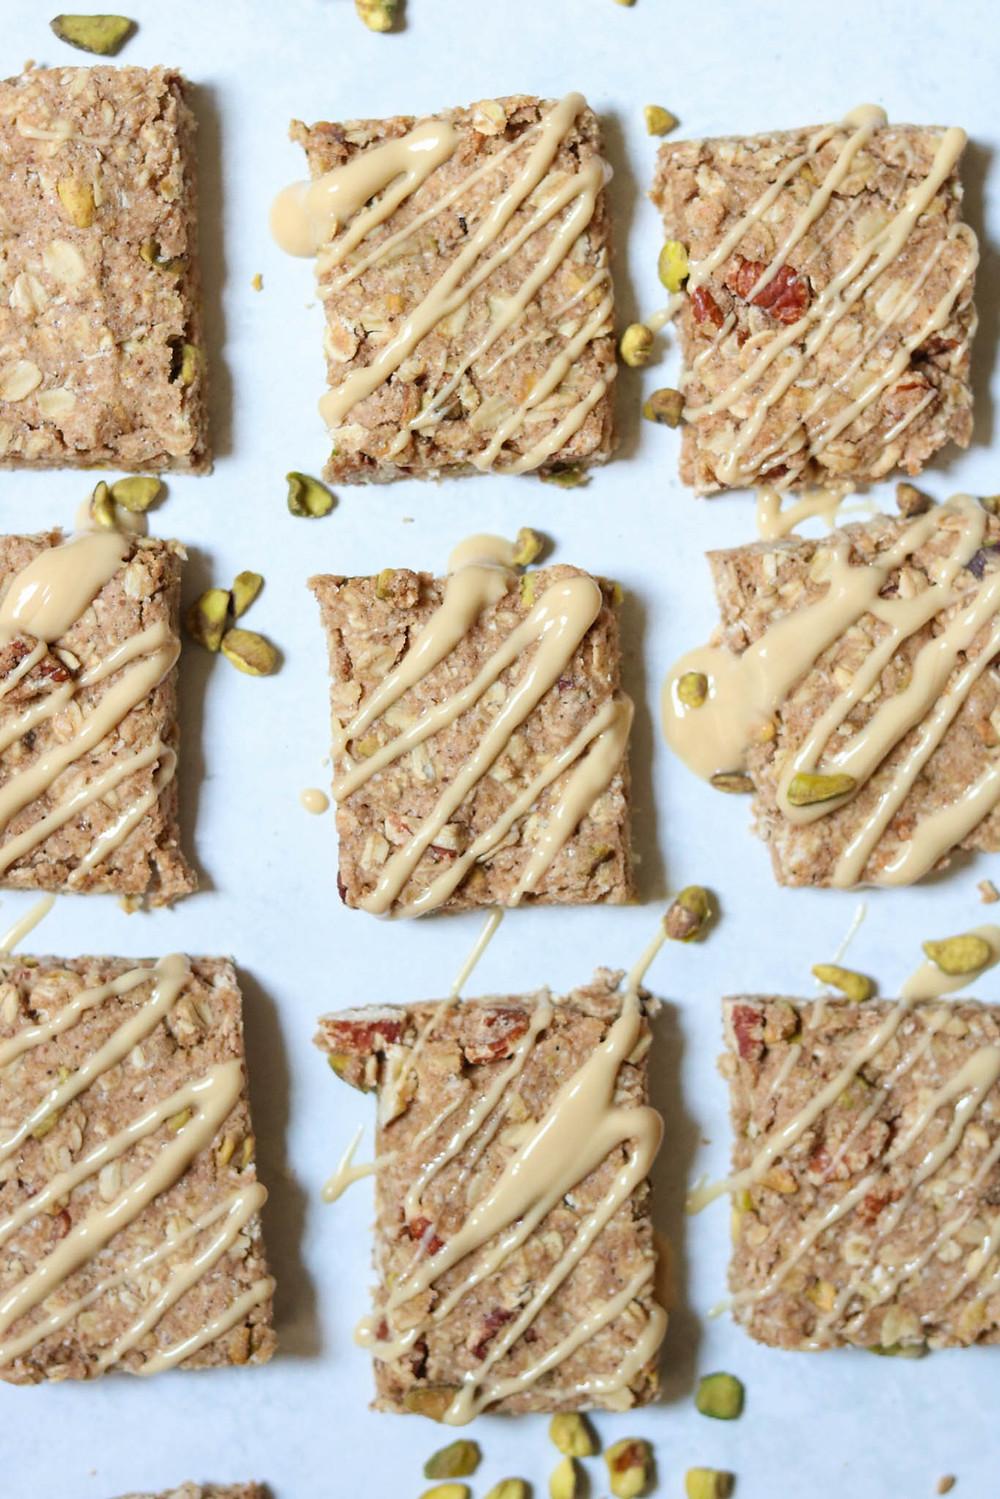 חטיפי גרנולה טבעוניים מקמח כוסמין מלא ושיבולת שועל חטיפי בריאות טבעוני